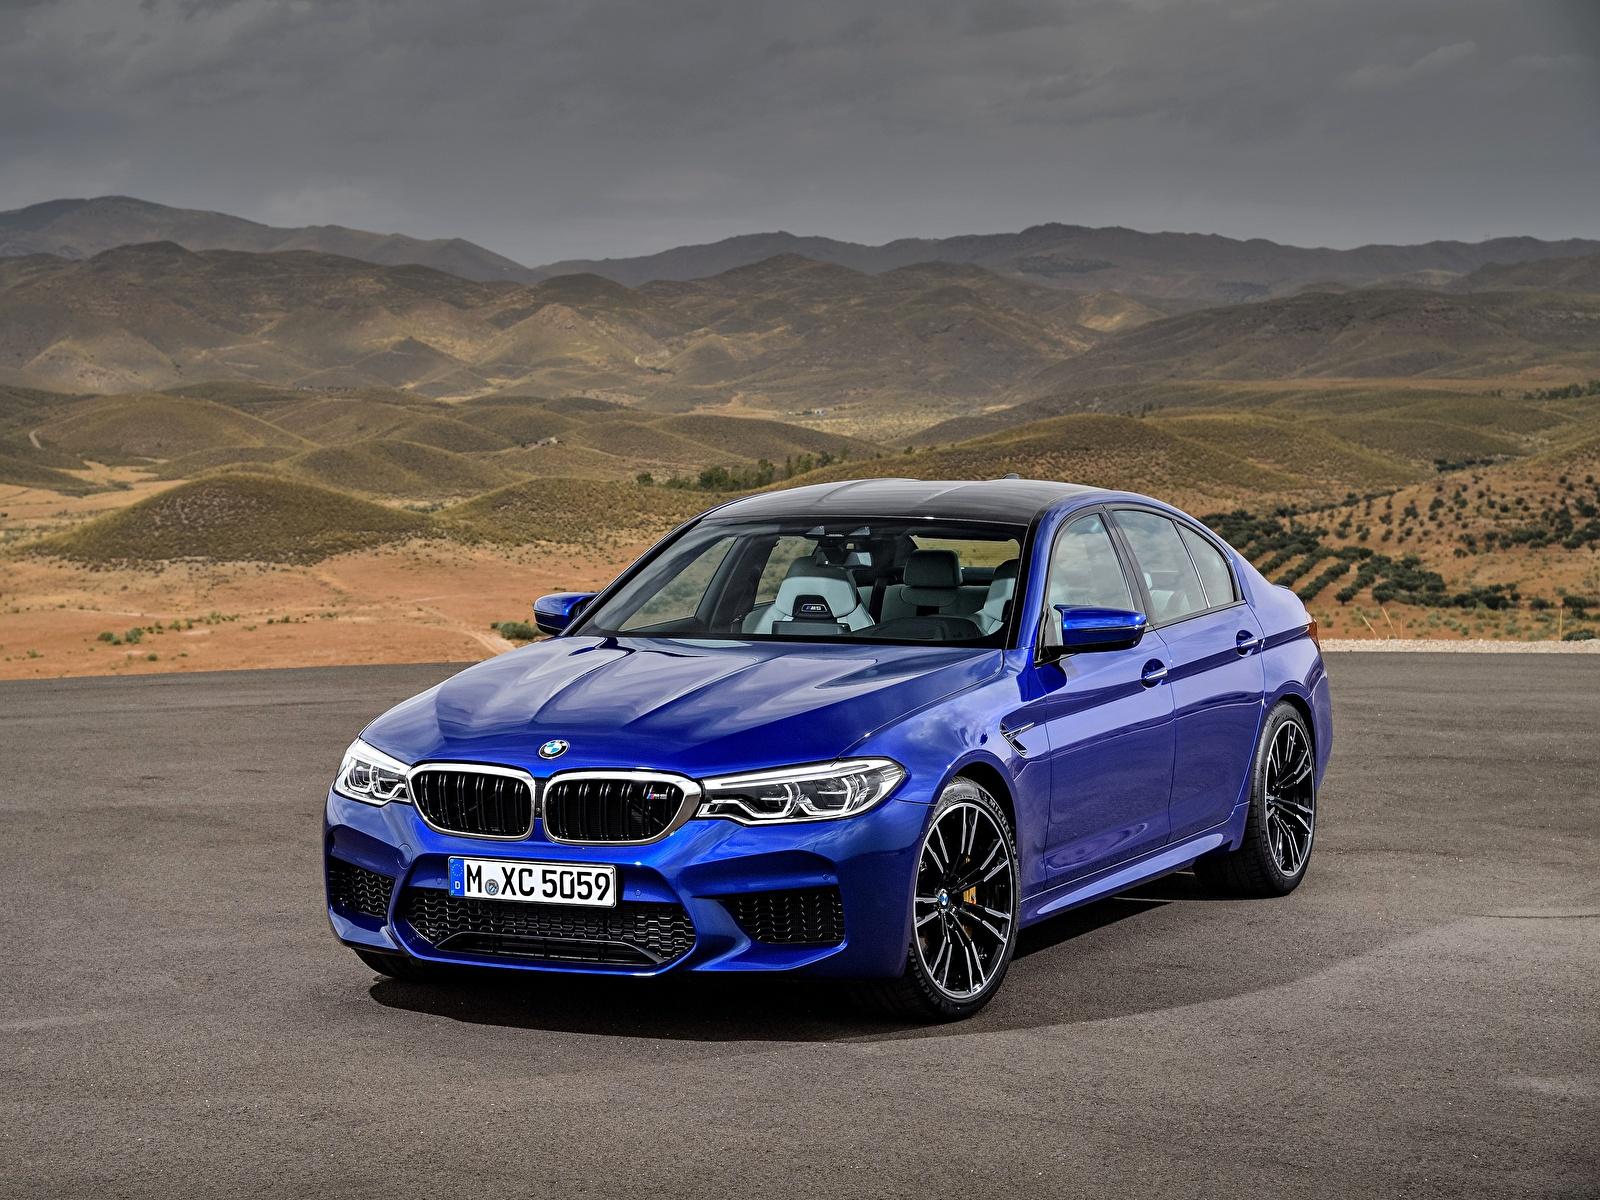 Fotos von BMW M5 2017 M5 F90 Blau Autos 1600x1200 auto automobil